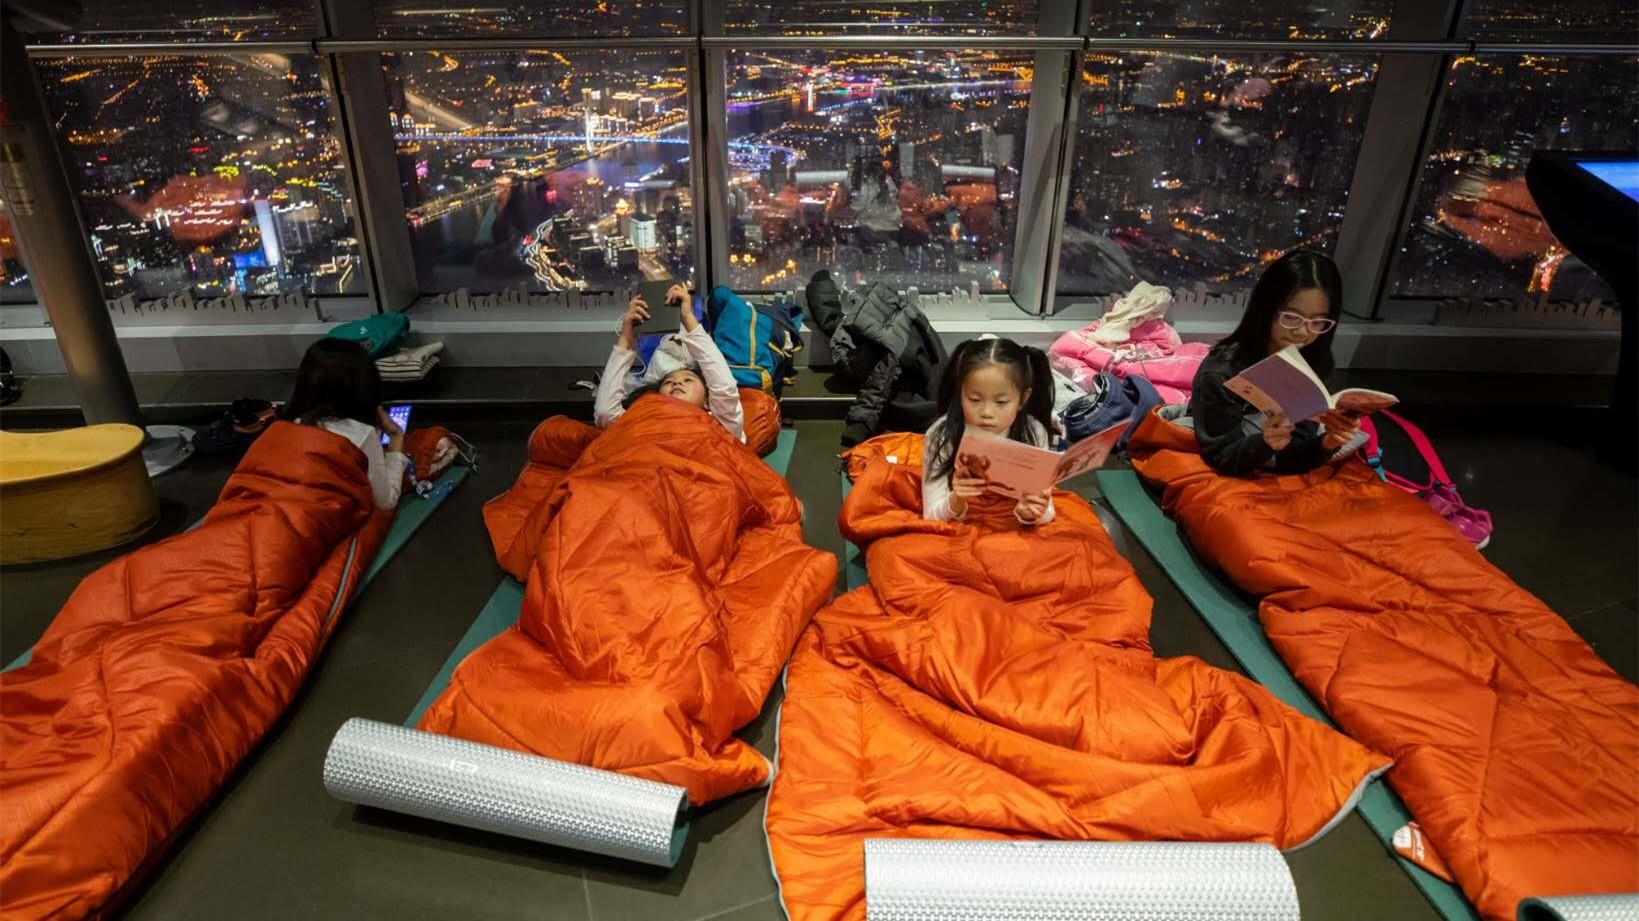 视频 夜宿云端 在上海之巅迎新年是什么体验?